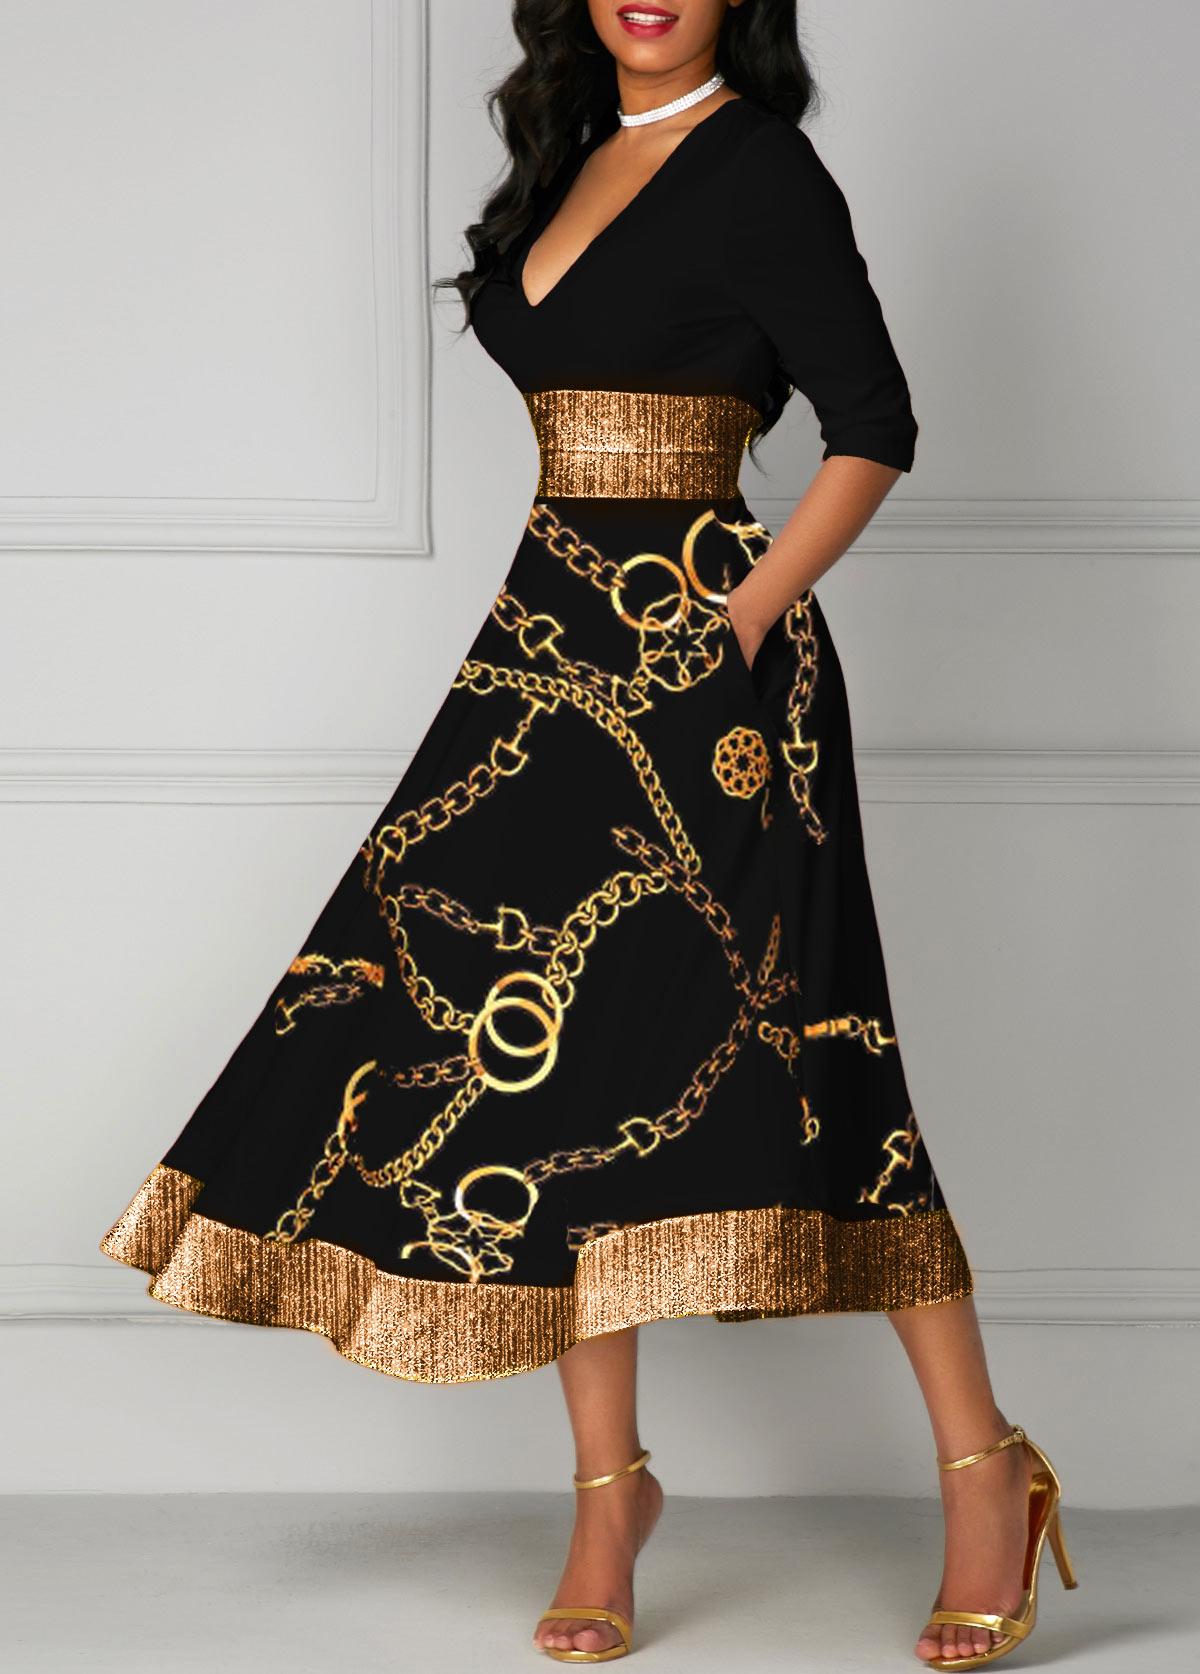 V Neck Gold Chain Print Glitter Midi Dress